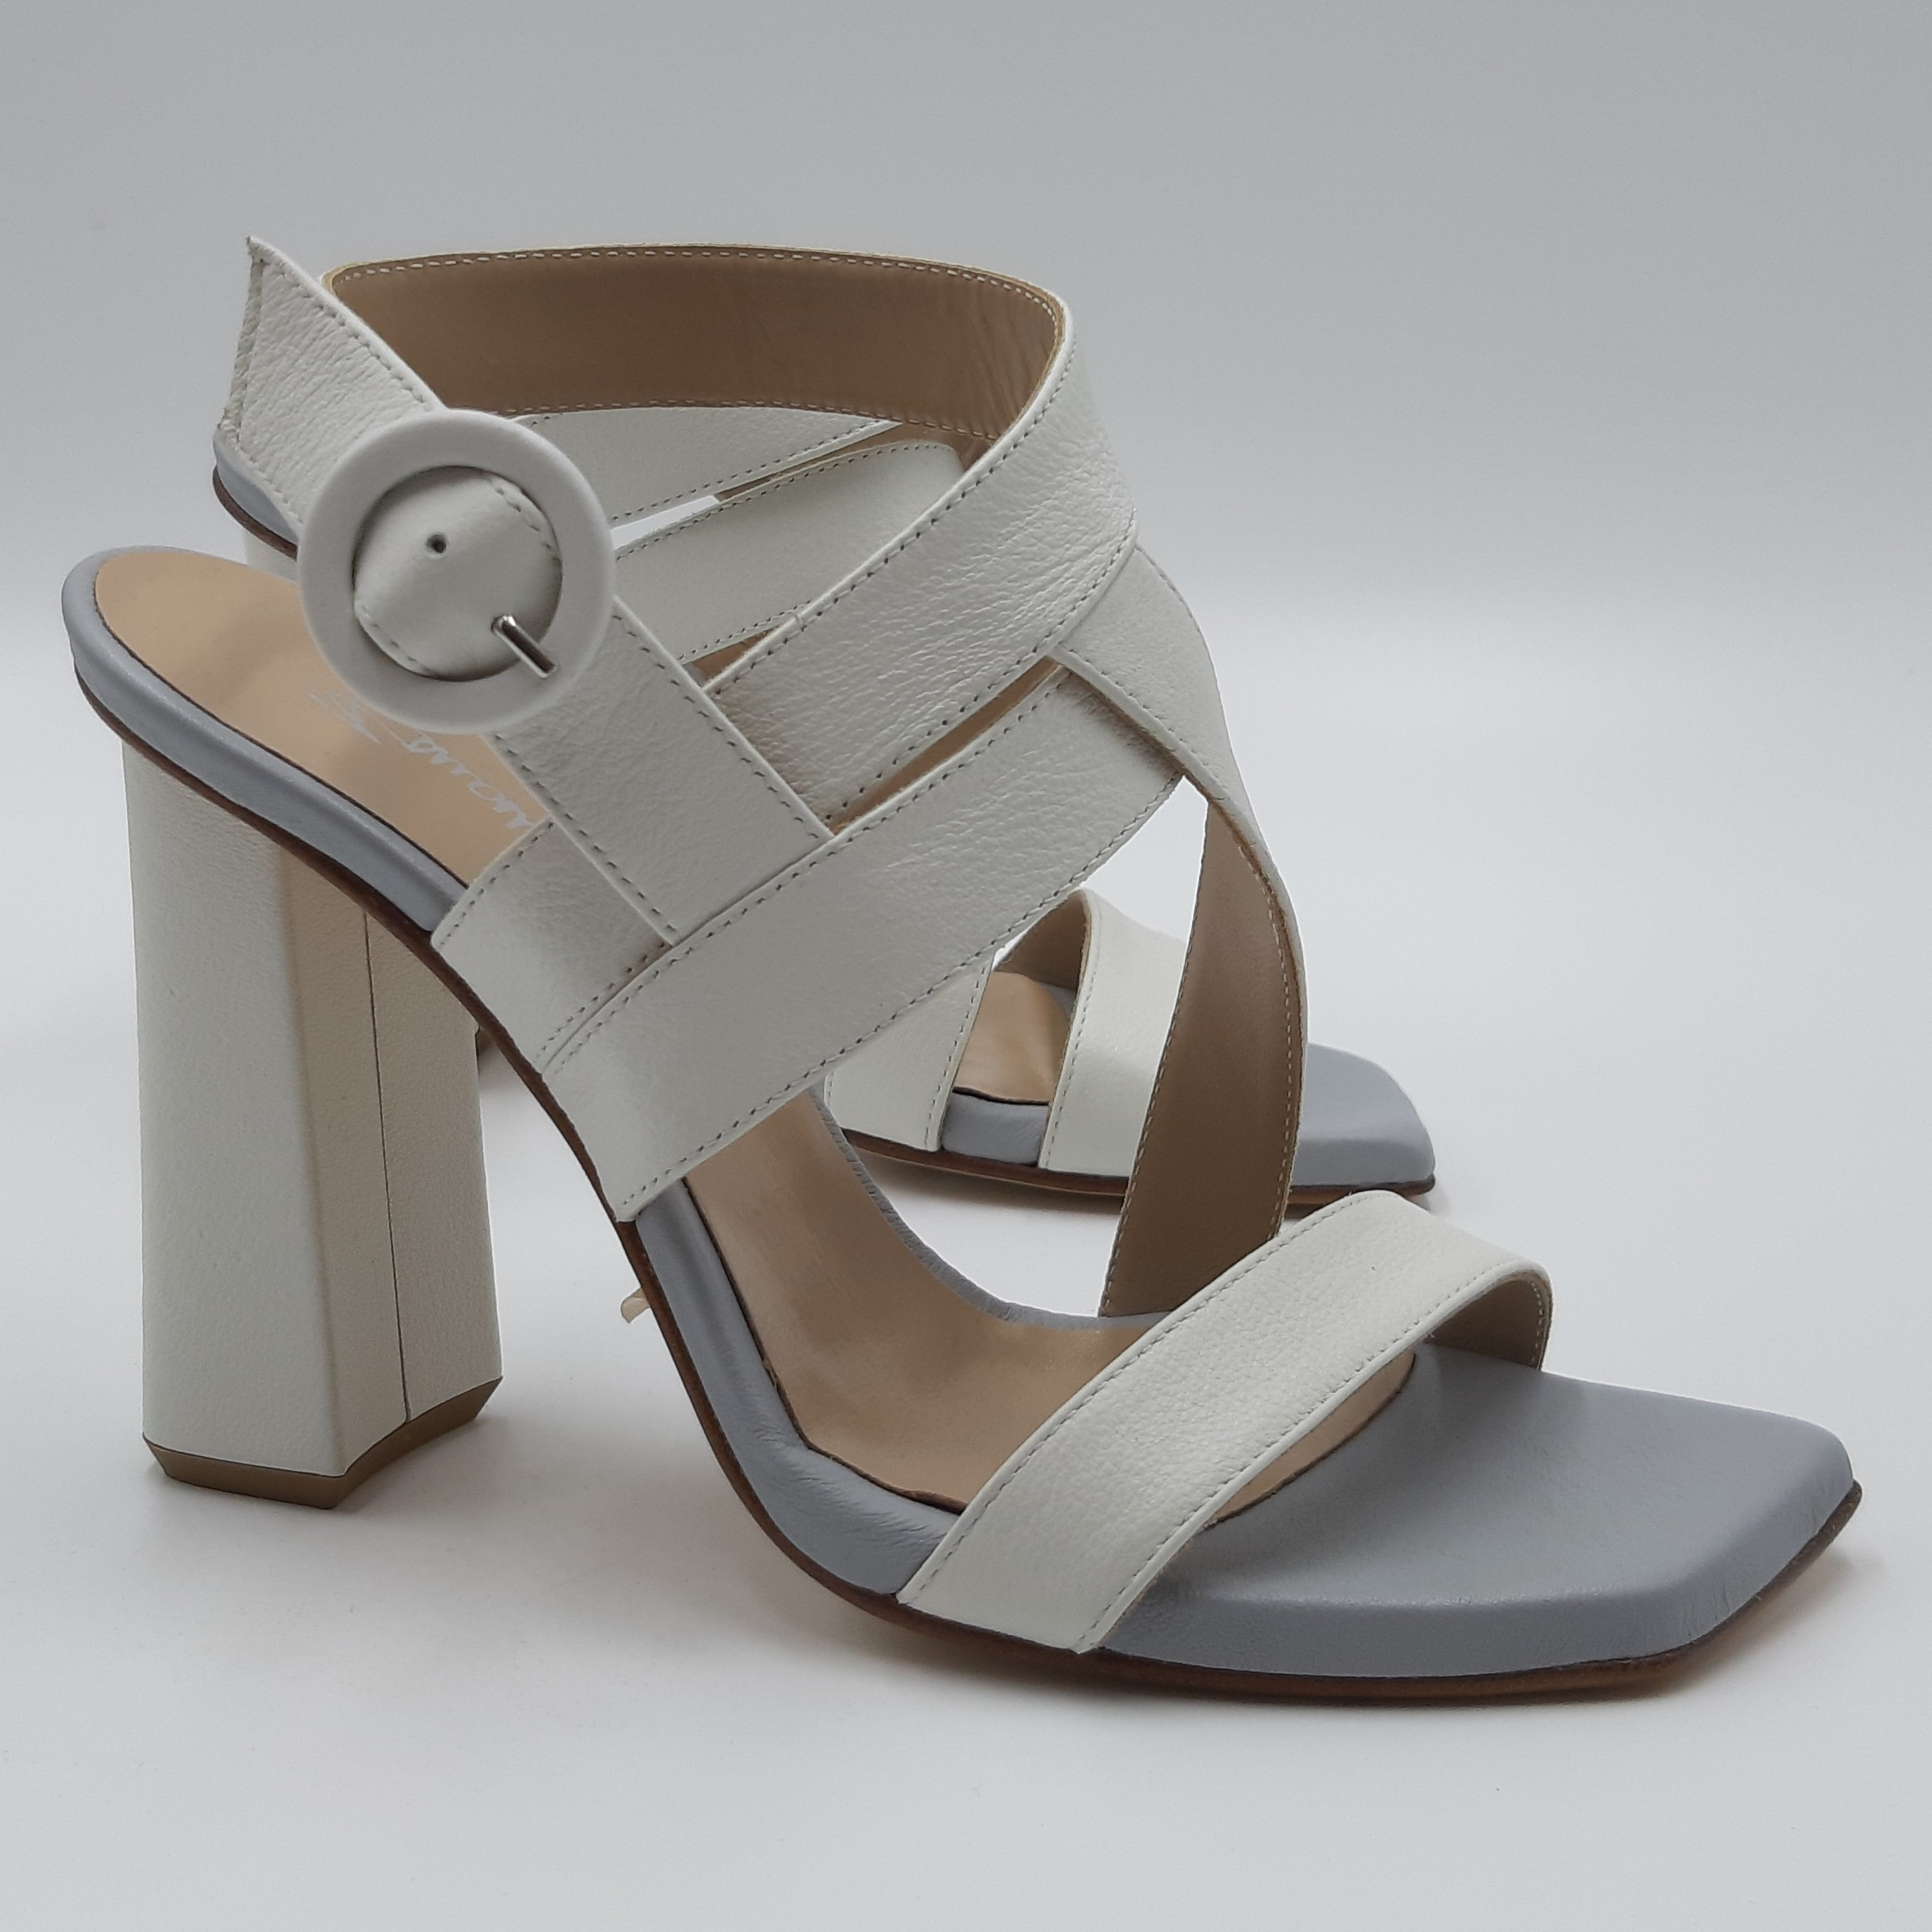 Sandalo bianco e celeste Emanuela Passeri